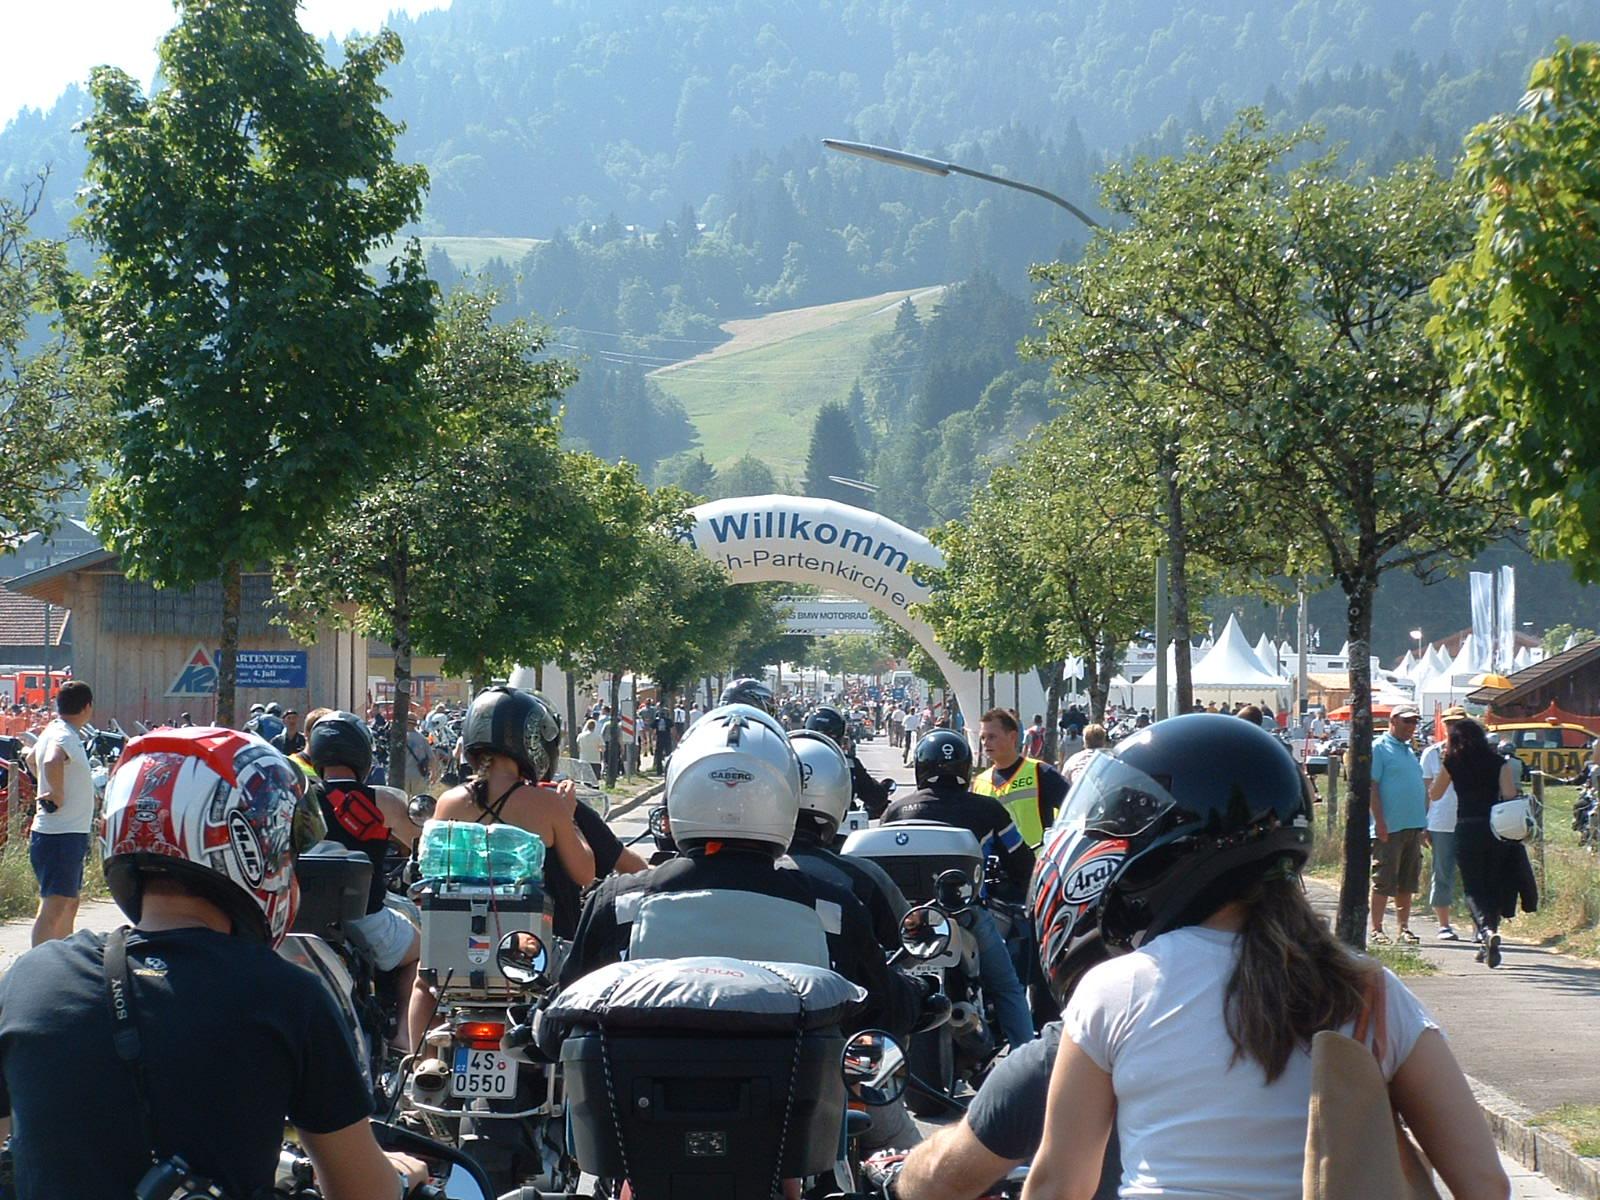 Mindenkit szeretettel várnak Garmischban! (Mi pedig a galériában több mint 200 további képpel!)